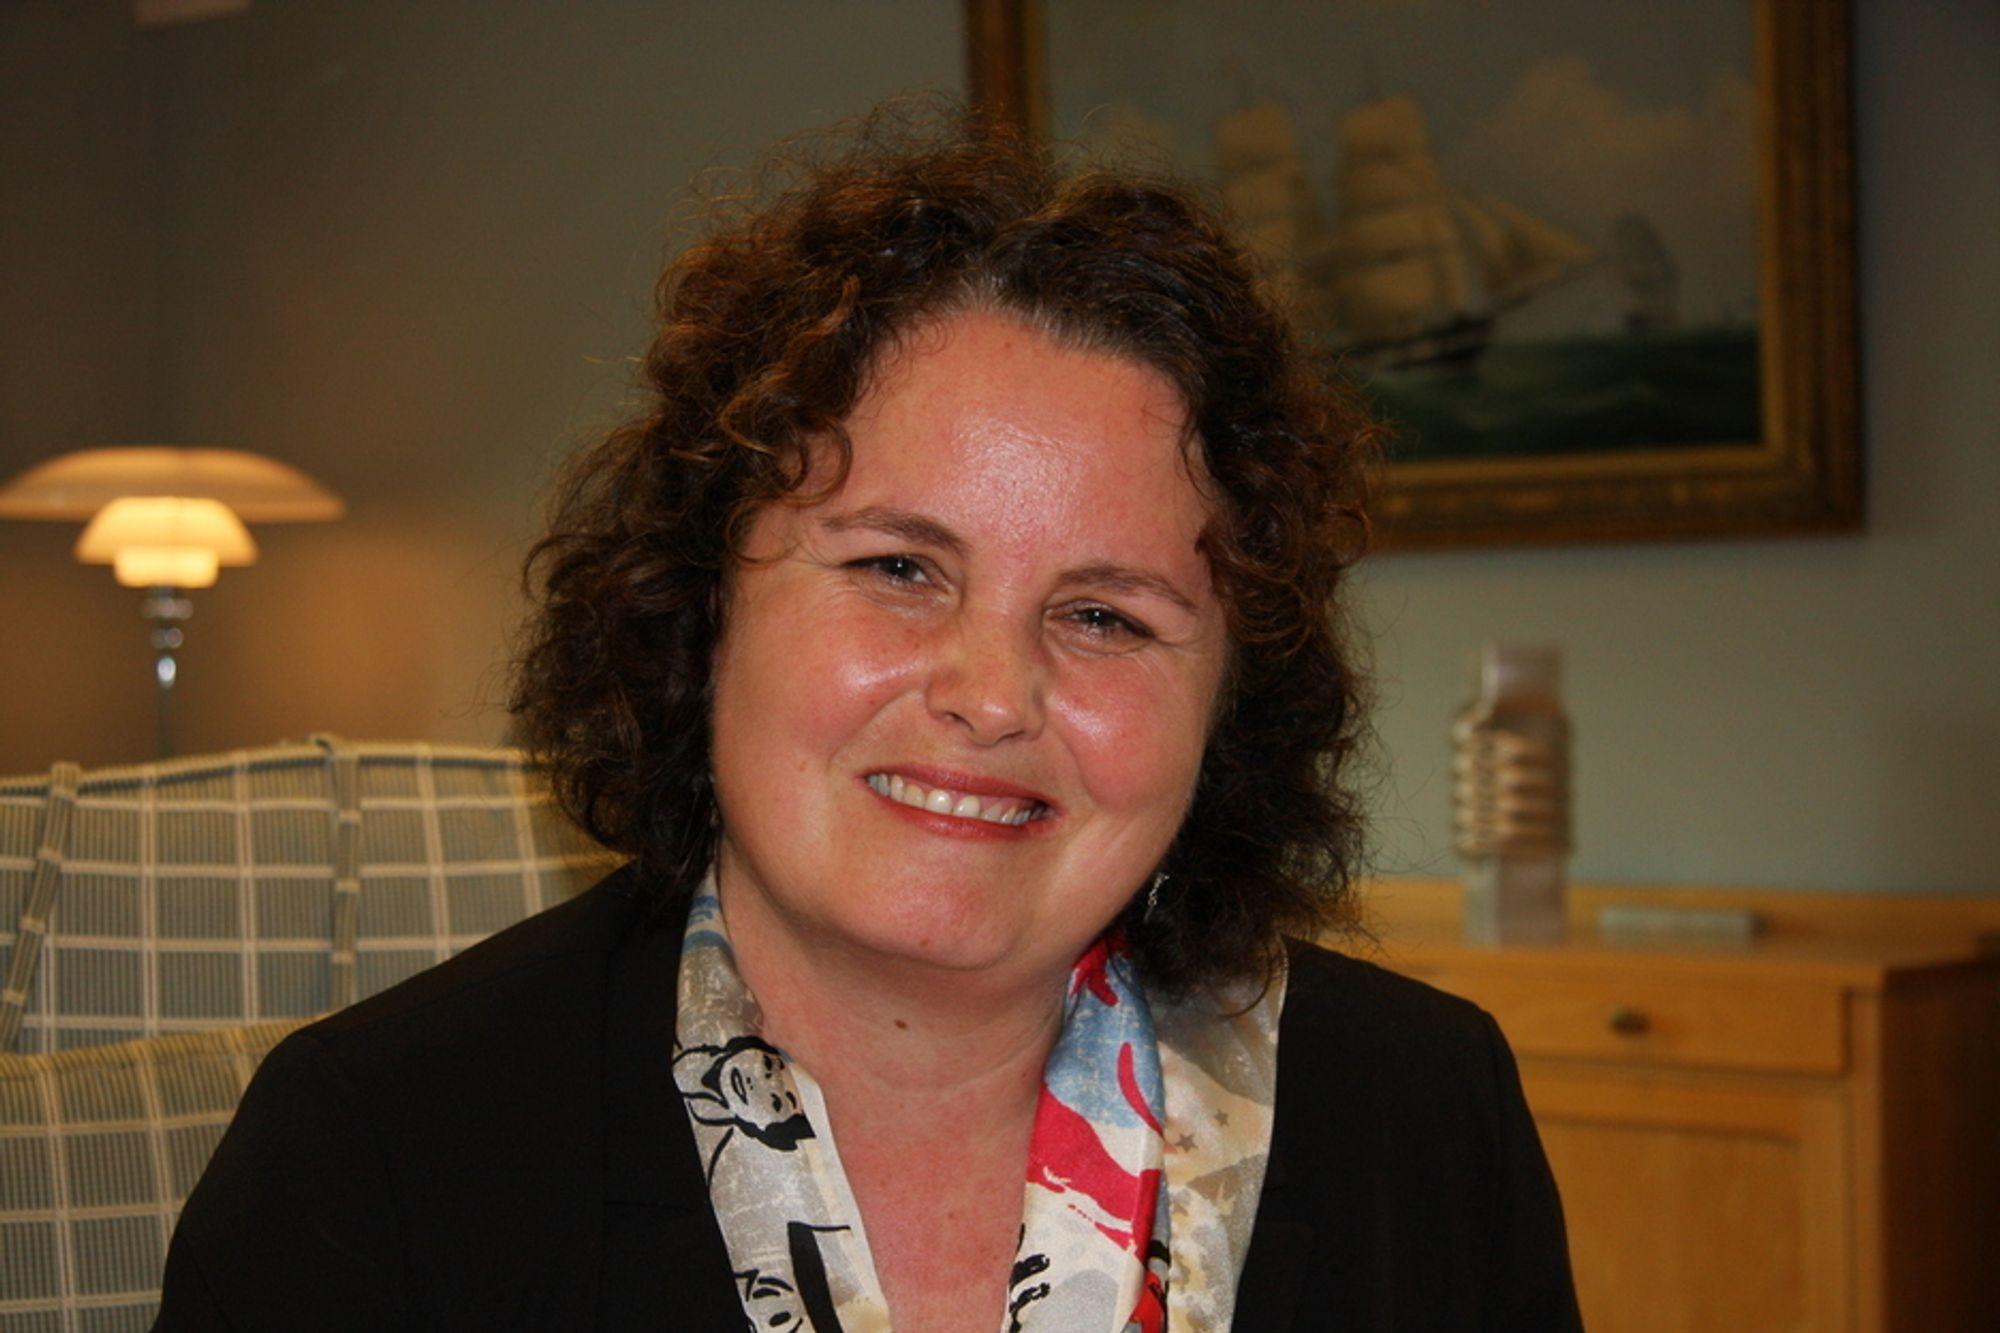 Nærings- og handelsminister Sylvia Brustad